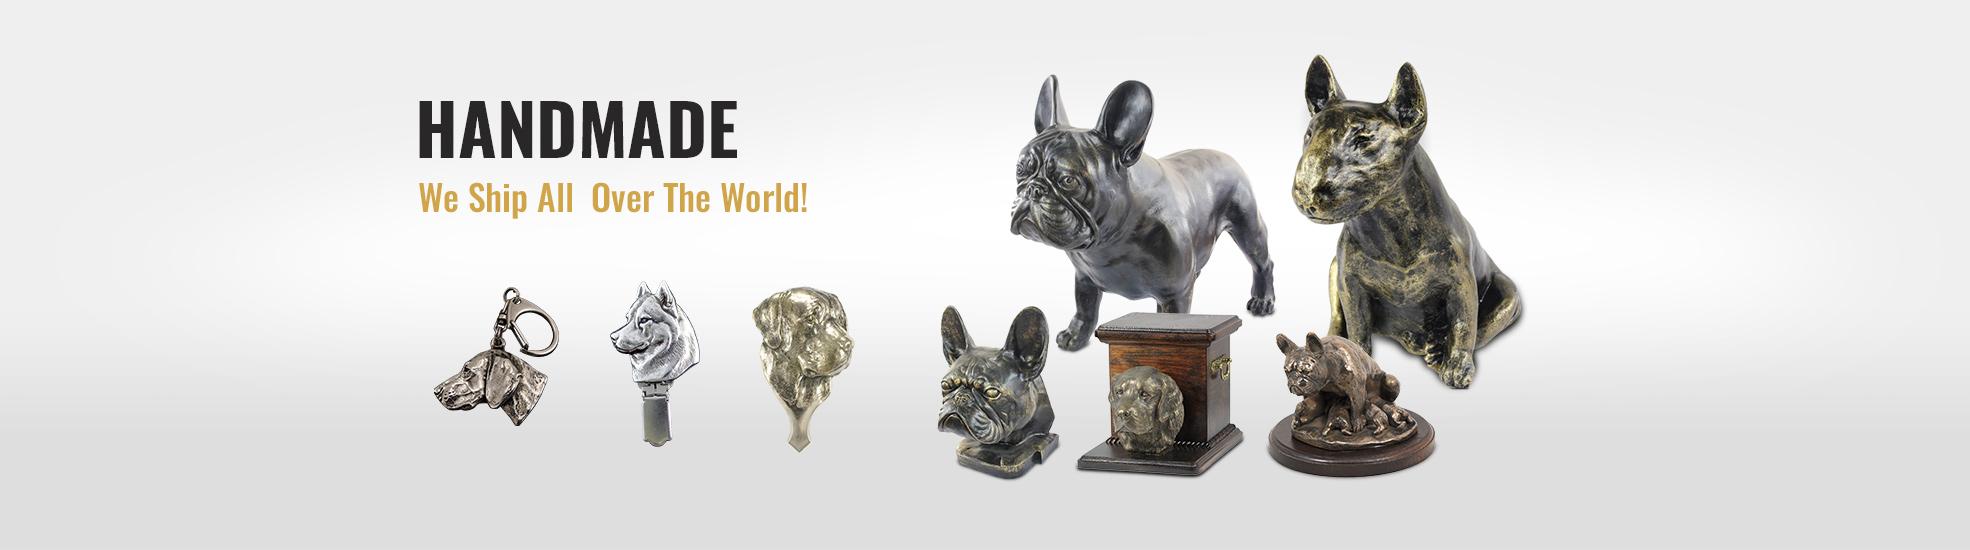 Artdogs - Handmade